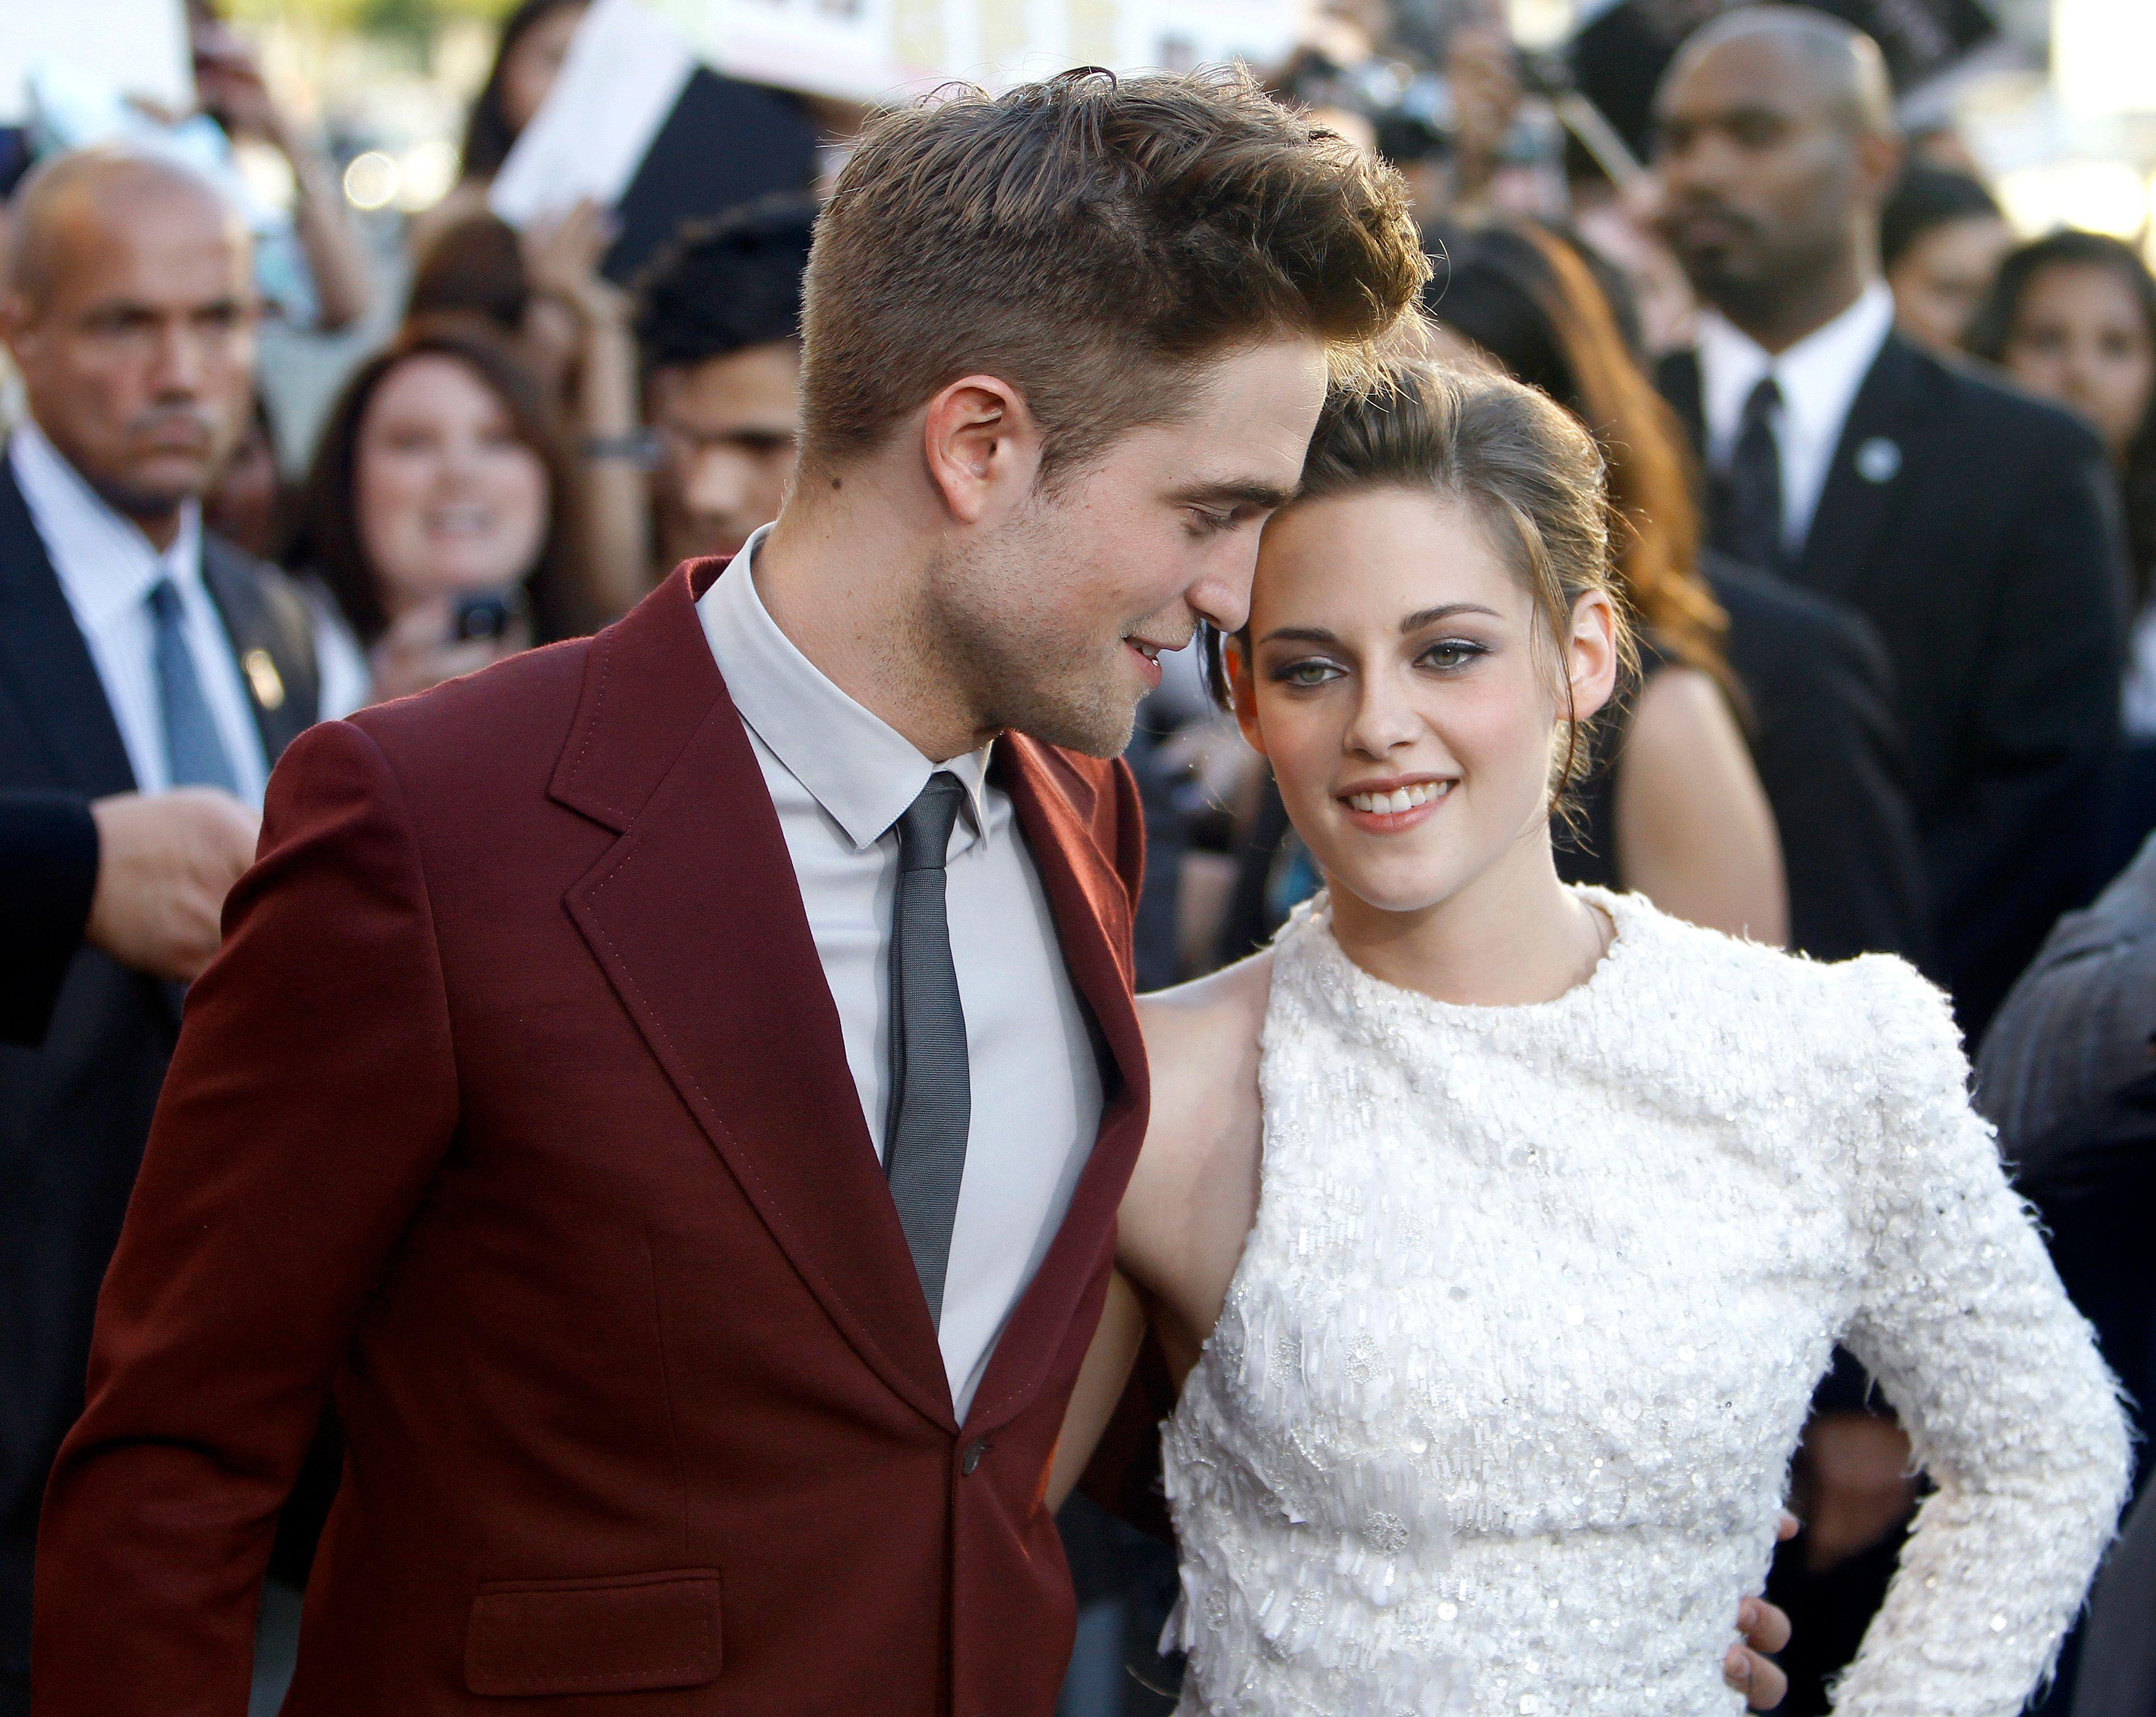 Après le scandale qui a secoué le couple cet été, Kristen Stewart et Robert Pattinson aurait emménagé ensemble.